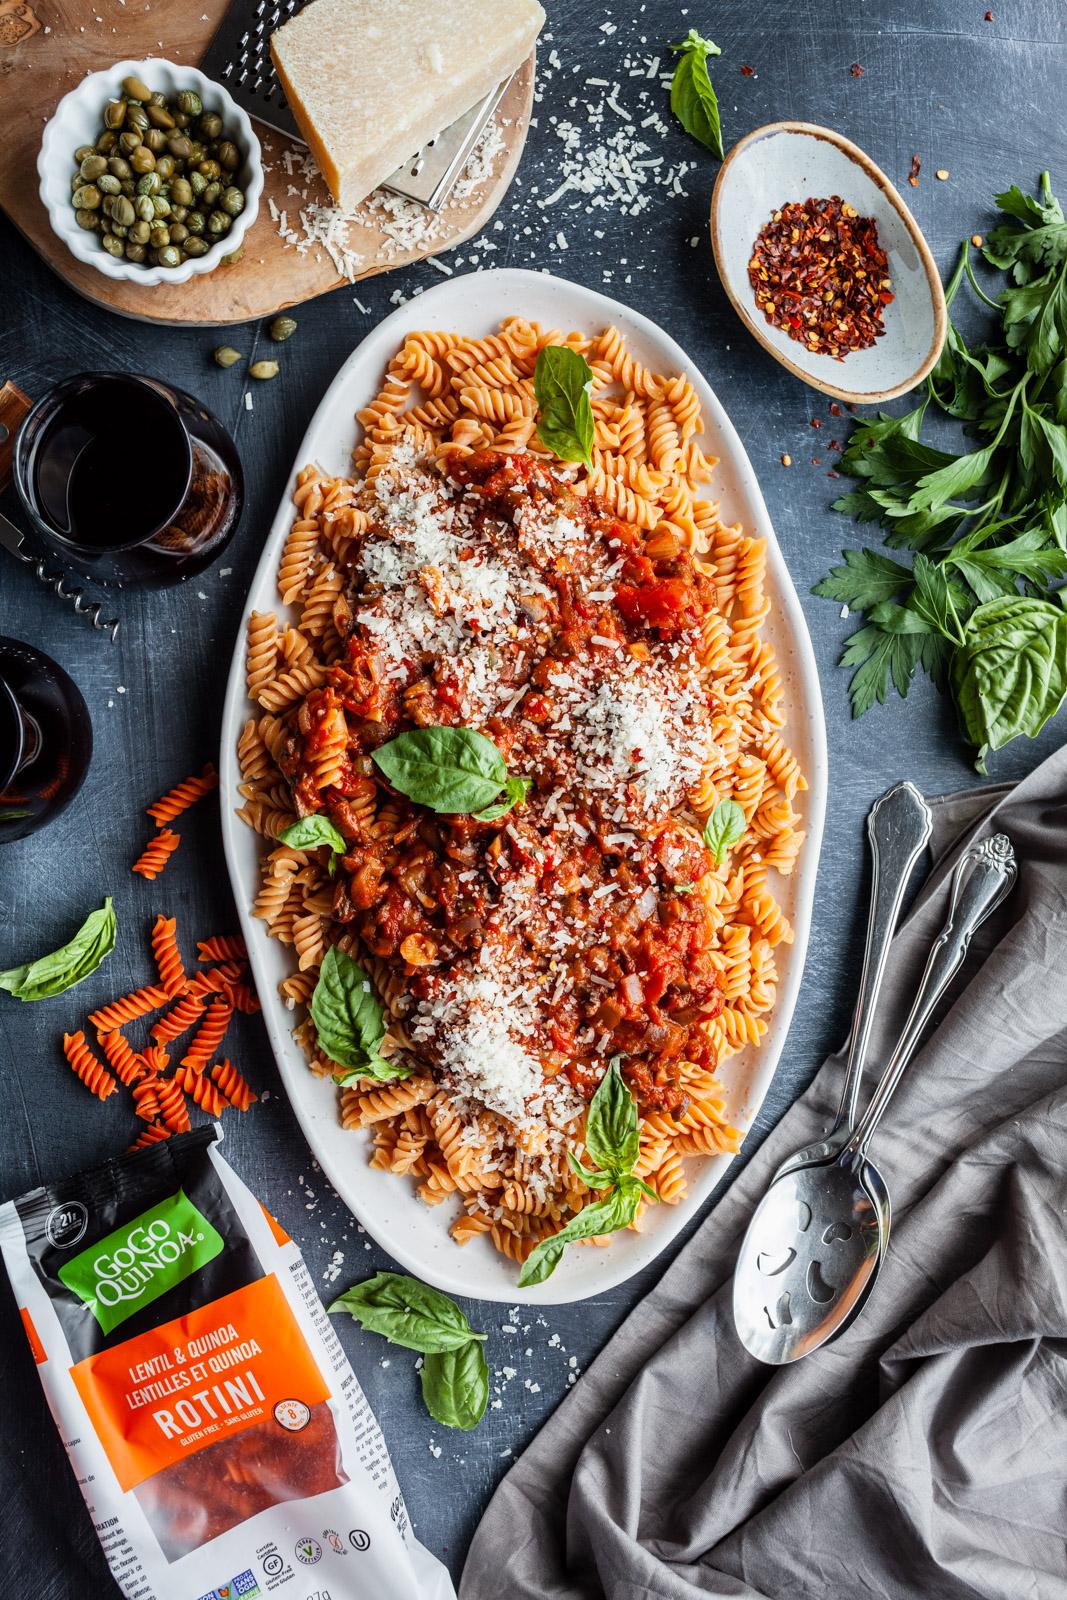 Eggplant And Mushroom Rotini